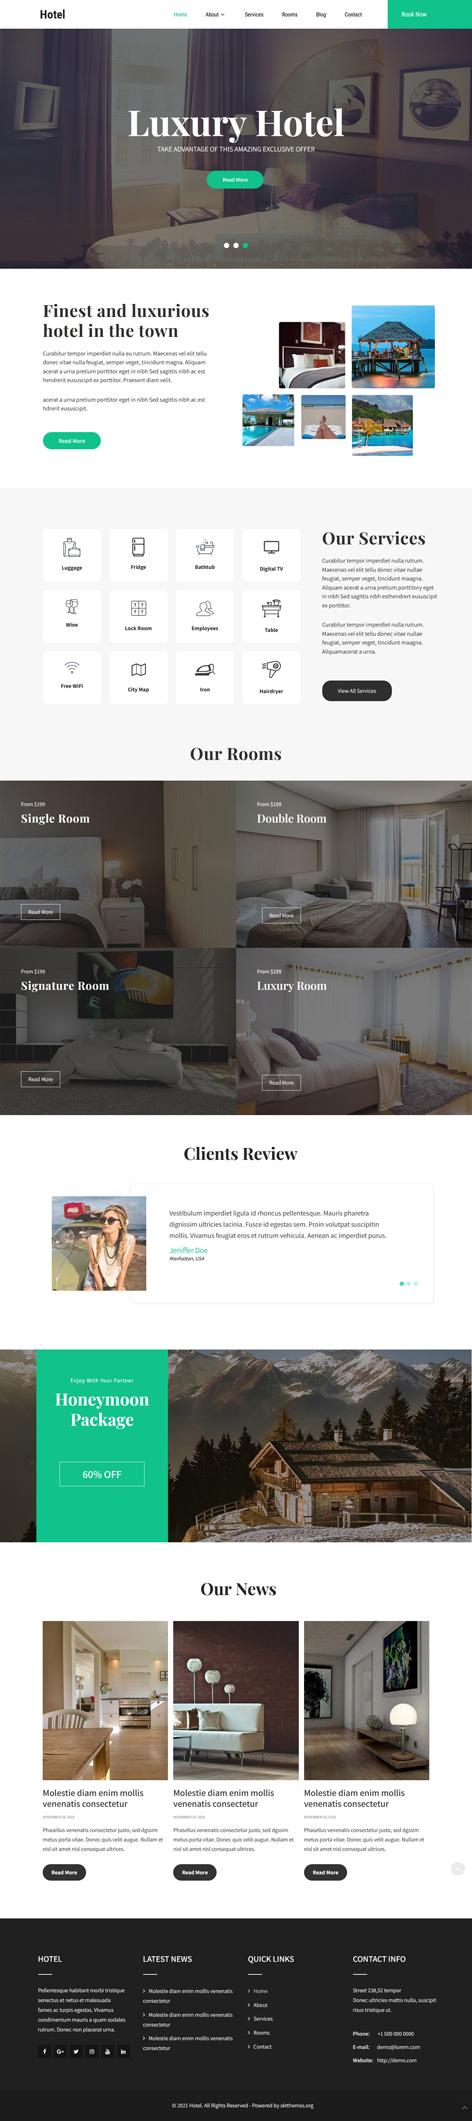 restinn WordPress theme